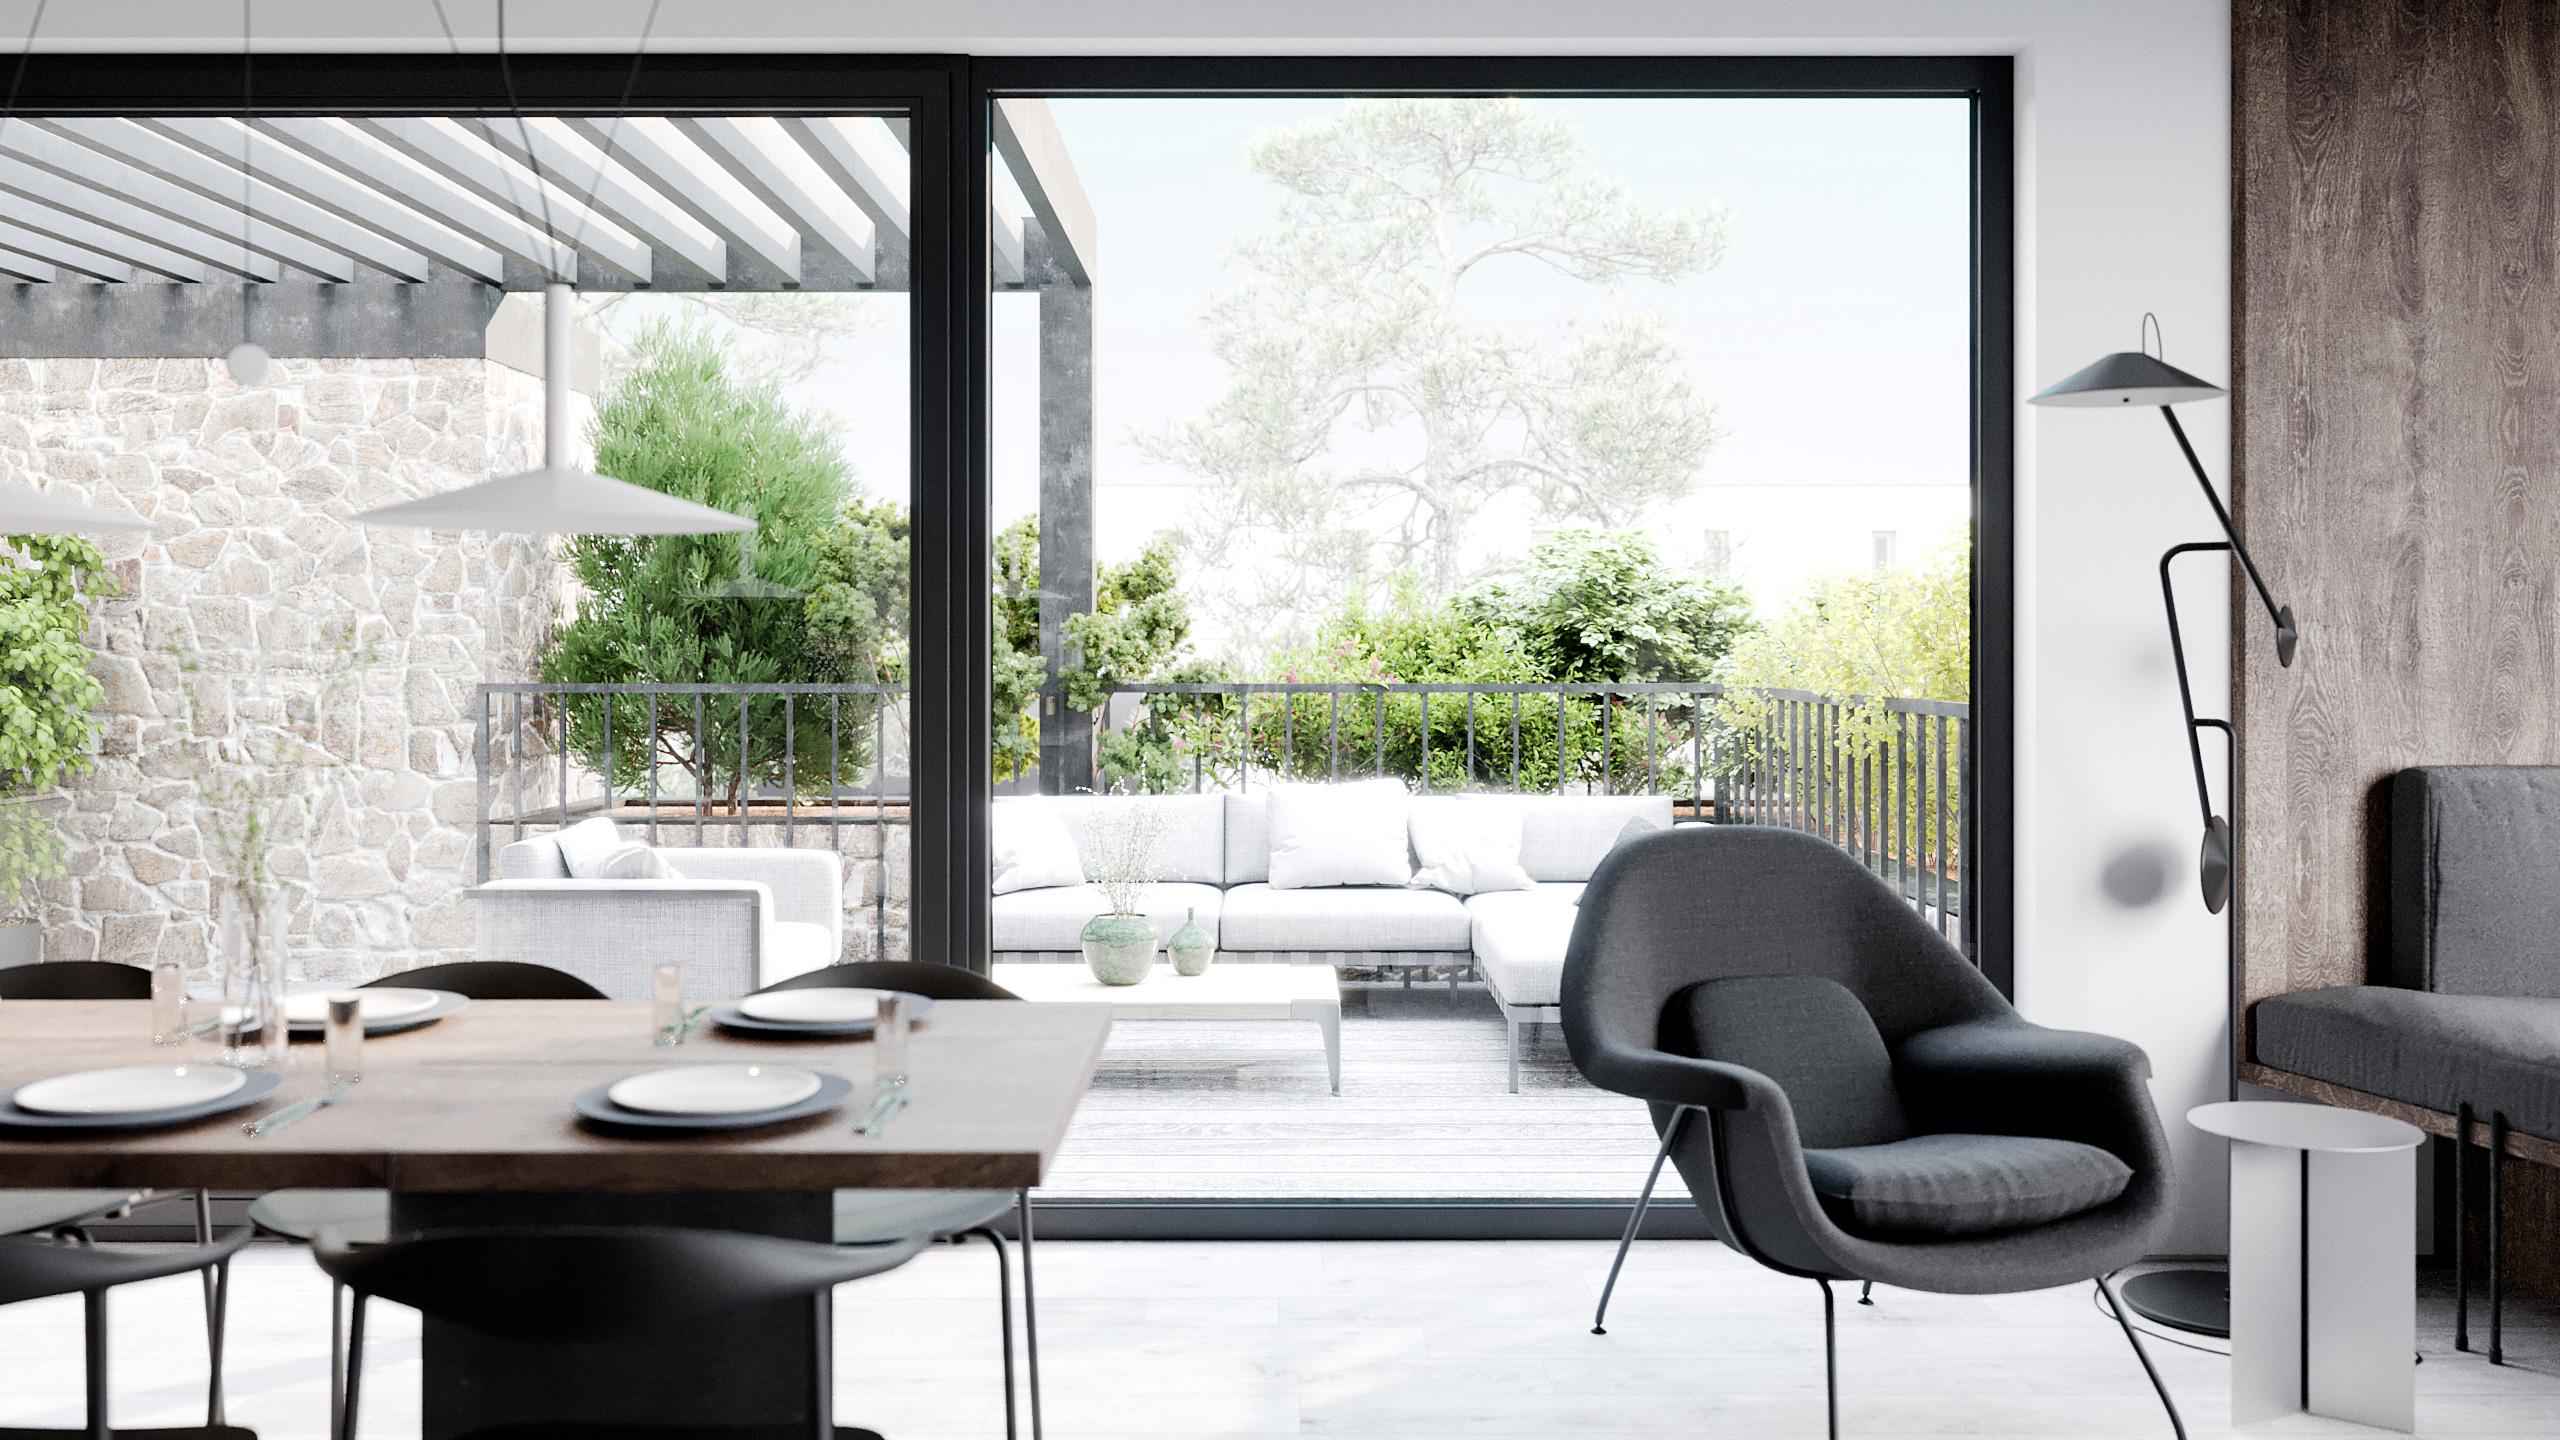 SMLXL - Břevnov - Interiér rodinného domu